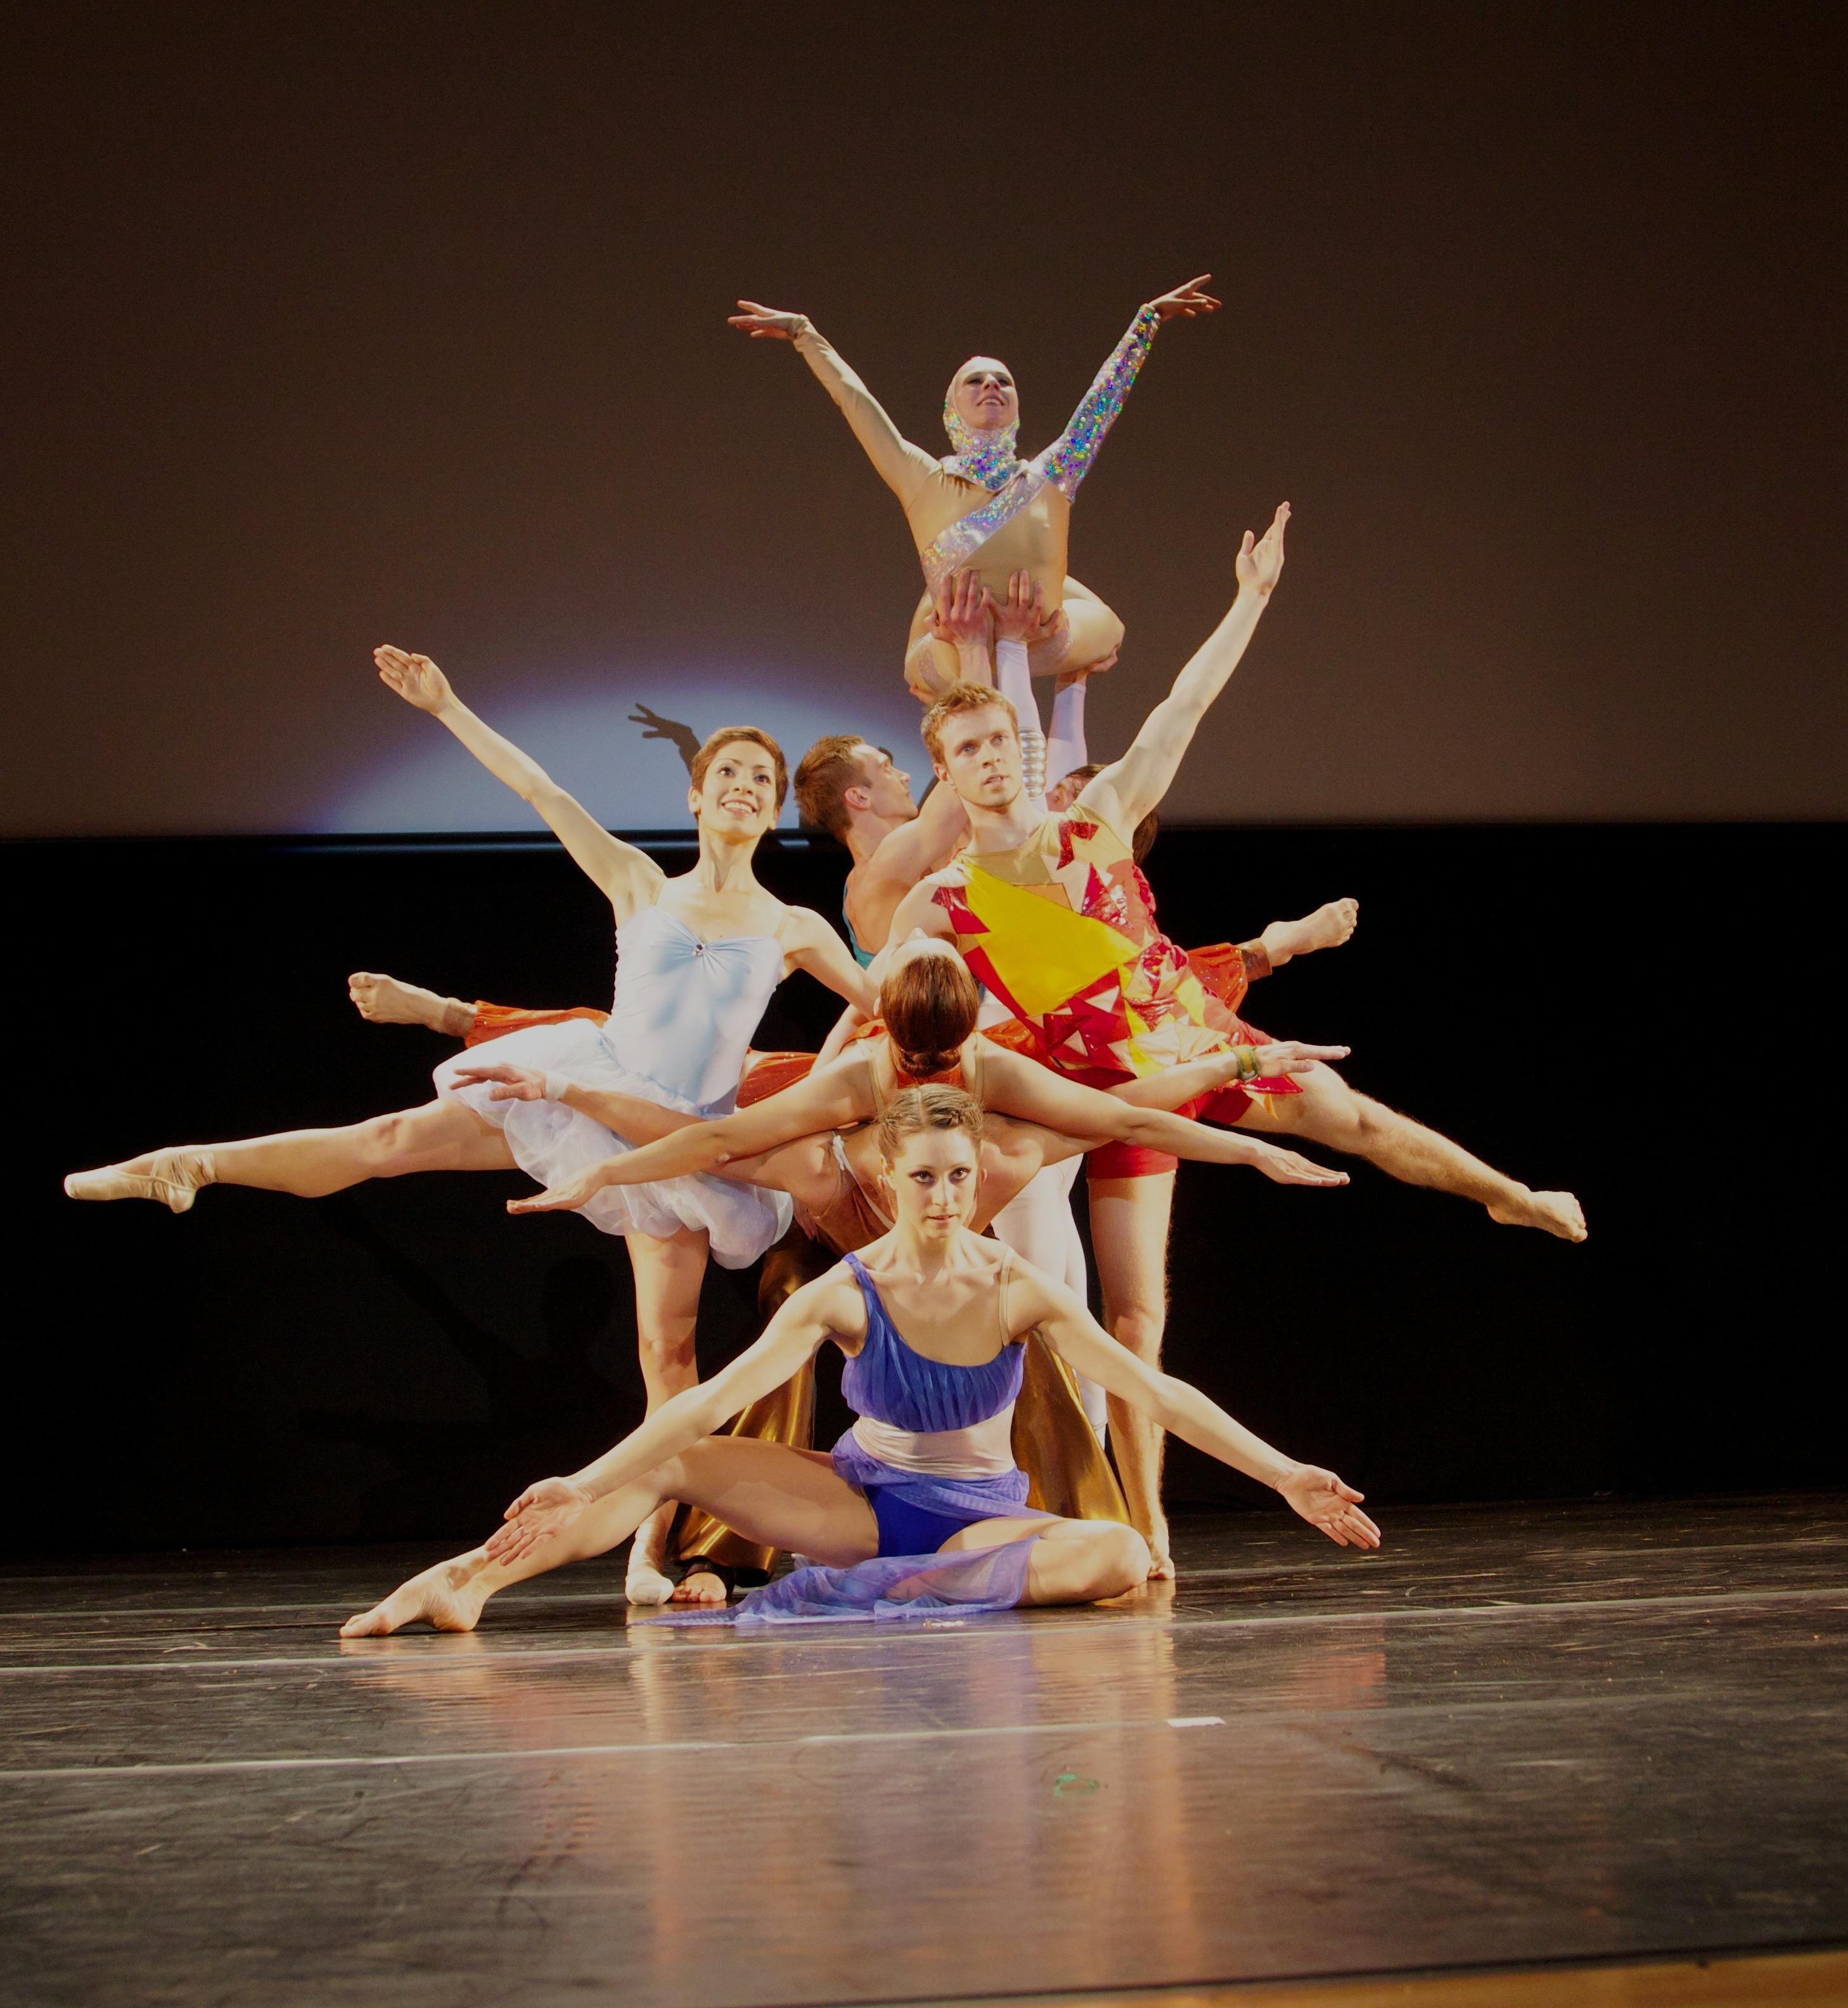 ballet-77447